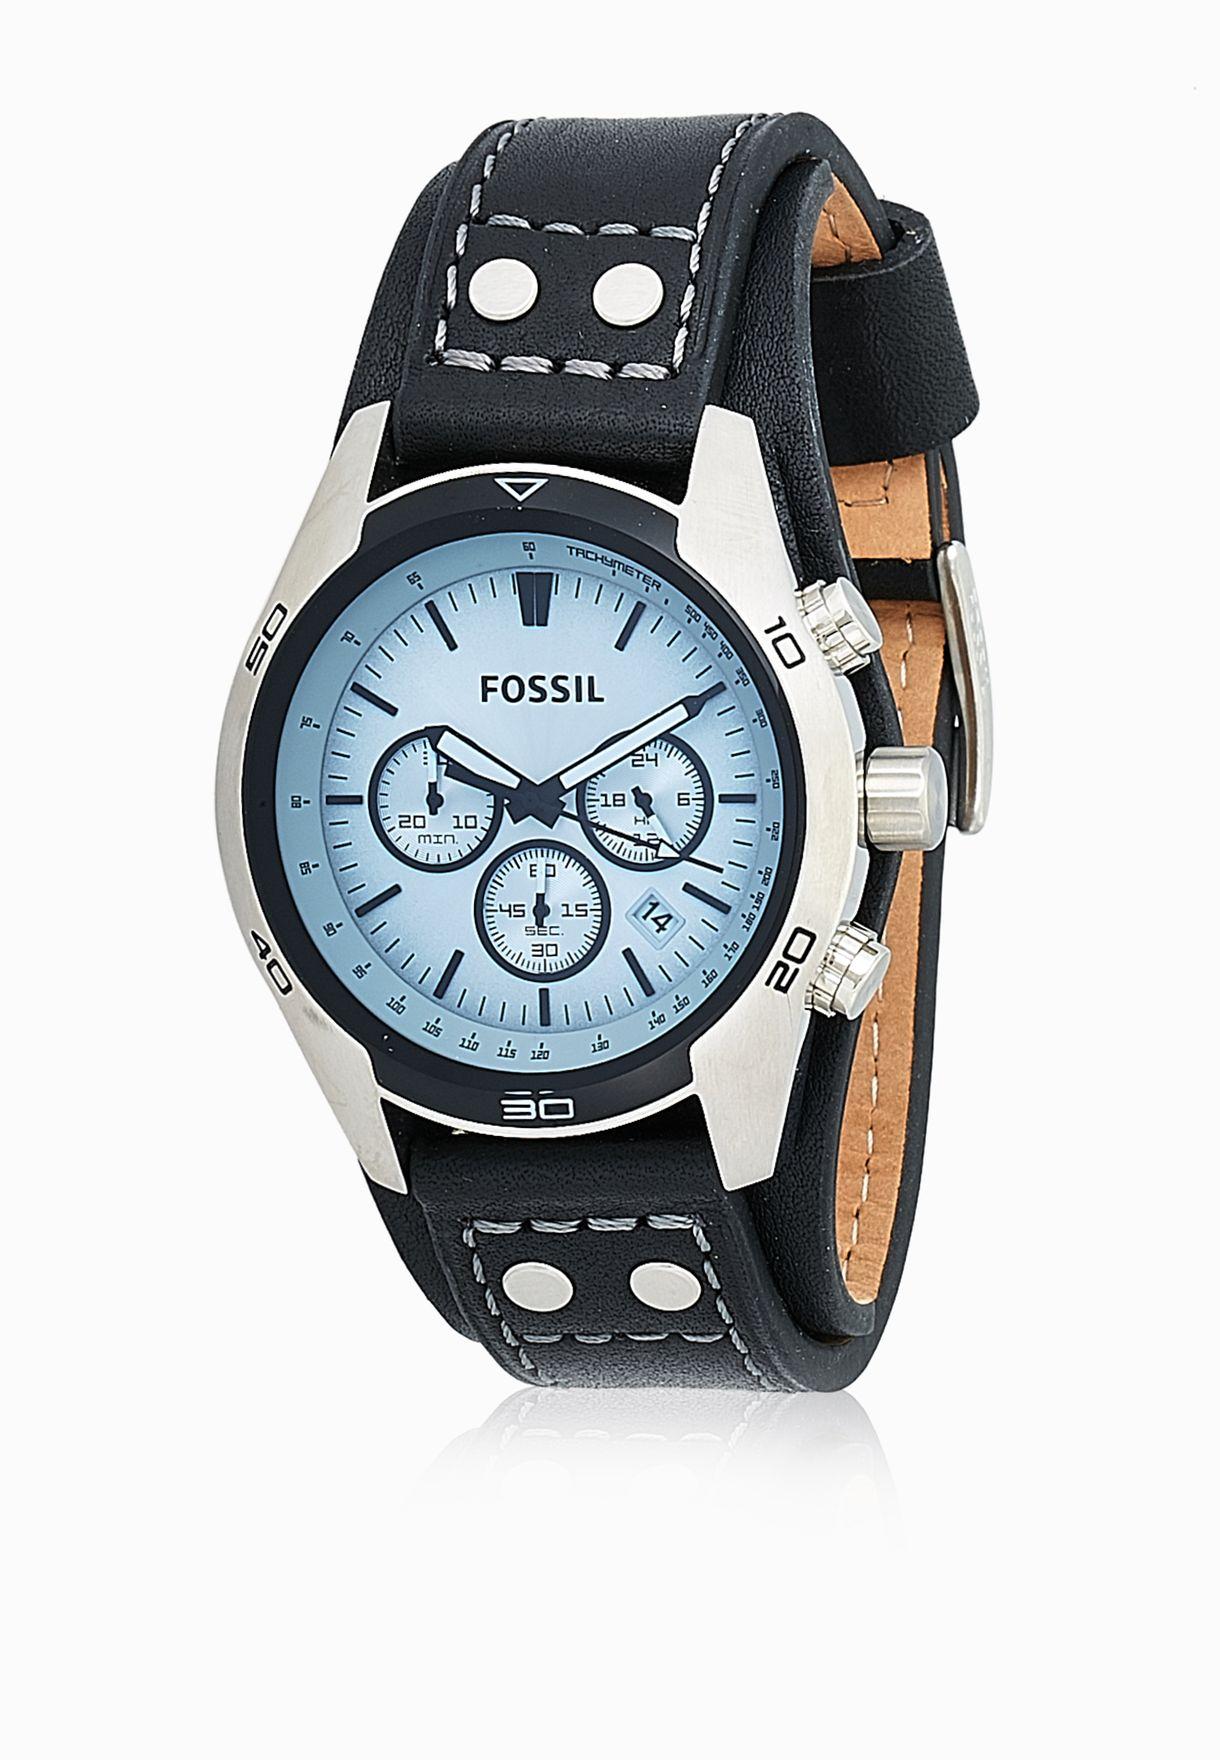 4711aa2856019 تسوق ساعة جلد اصلي ماركة فوسيل لون أسود CH2564 في الامارات ...